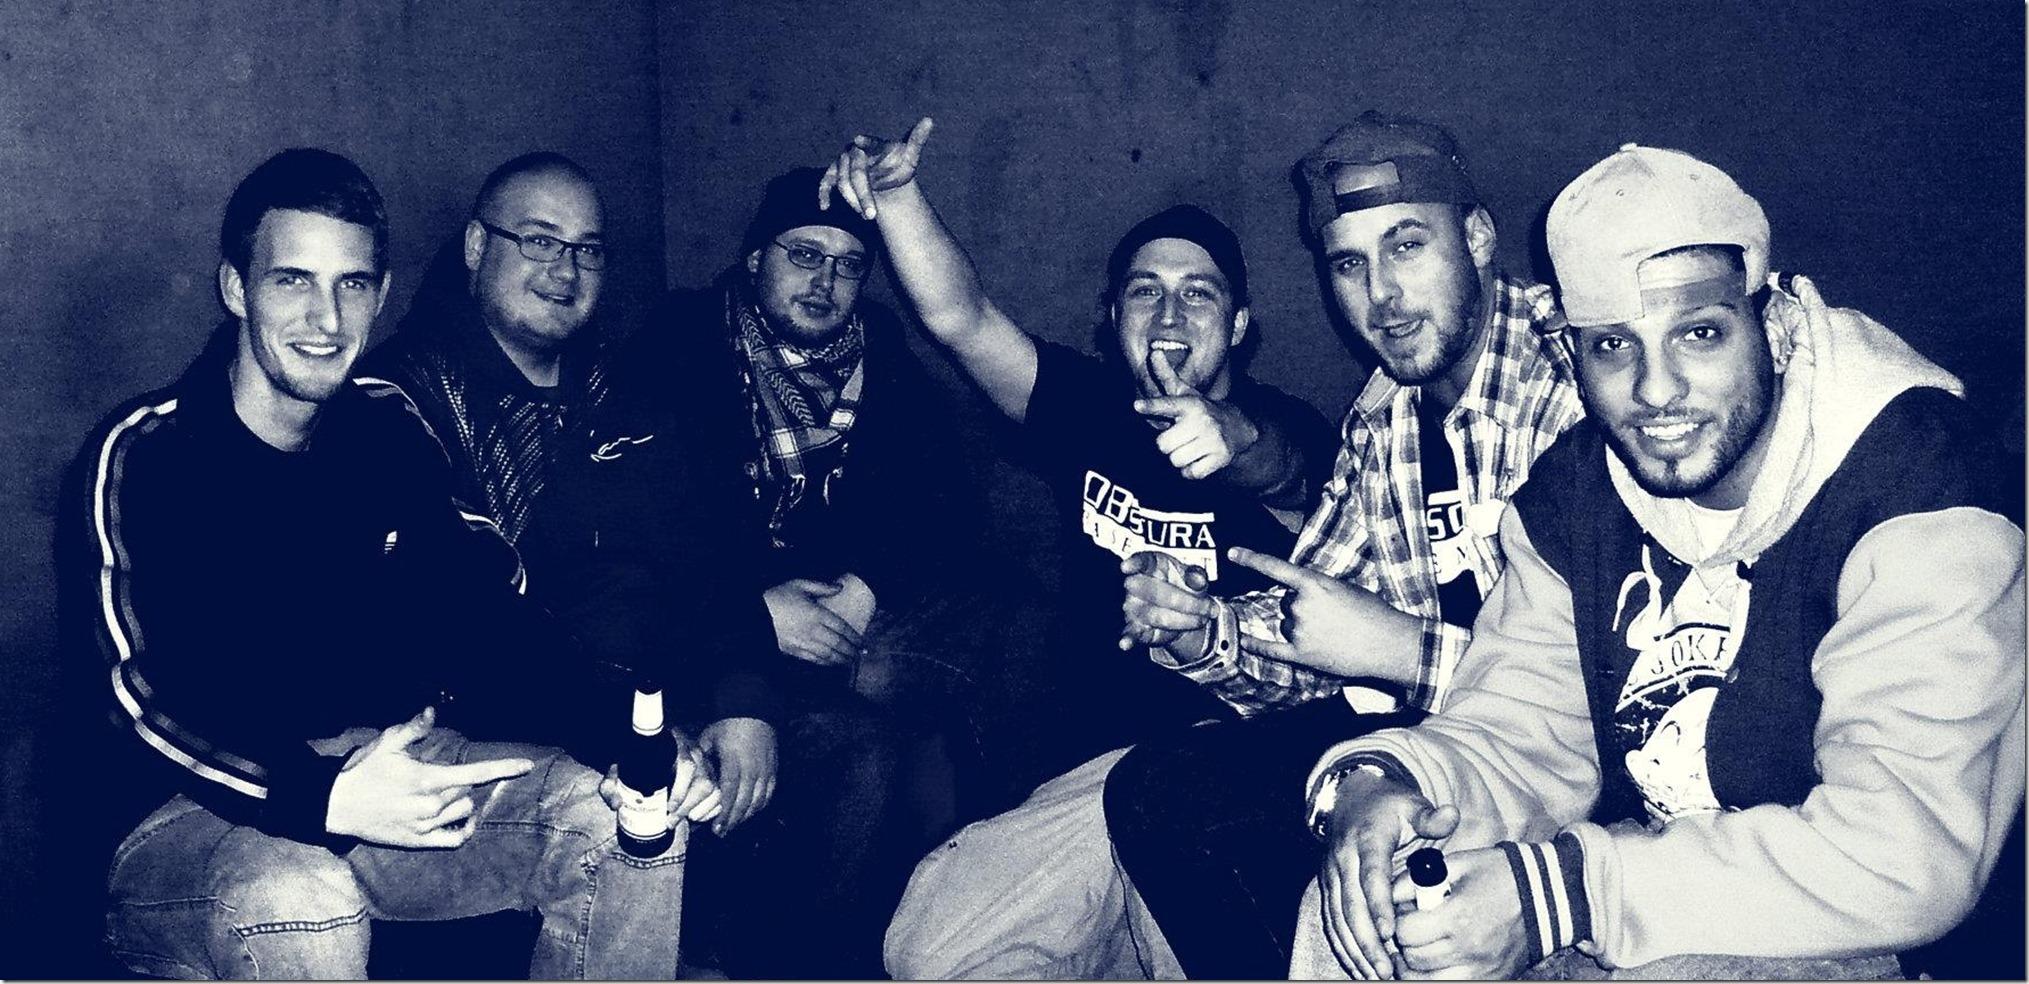 Obscura Basement (Jacek, Dom, SirPreiss, Schmalle, Kuba).